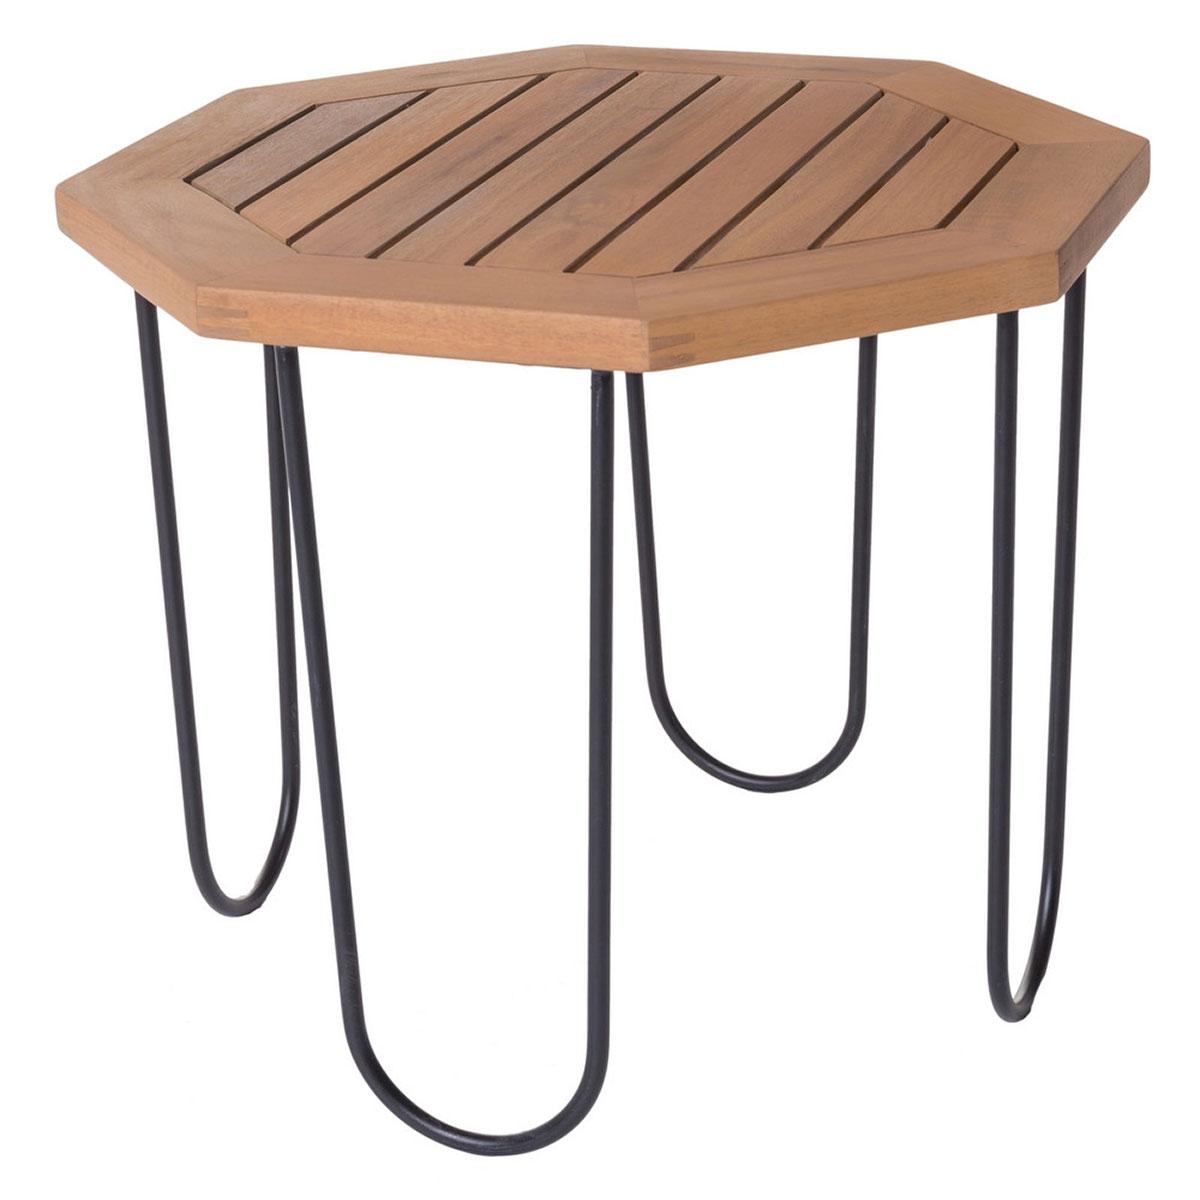 Table hexagonale d'extérieur en acacia - Marron/noir - 45.00 cm x 45.00 cm x 36.00 cm